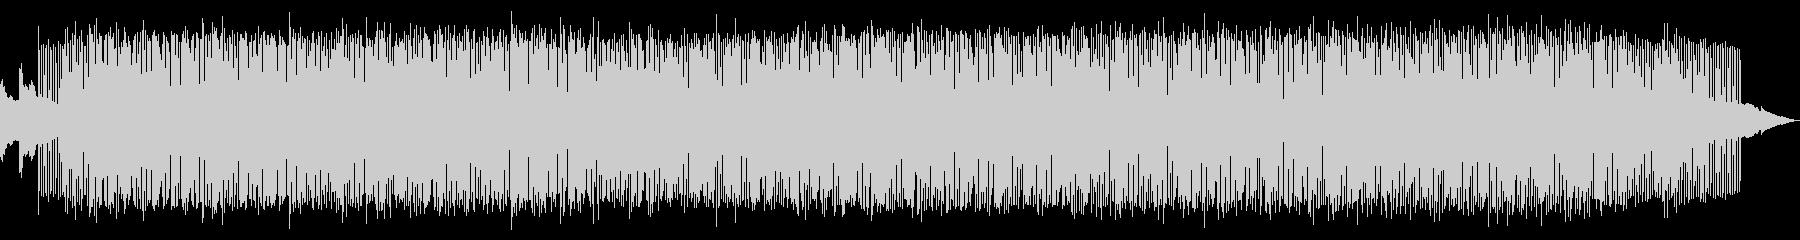 瑞々しいピアノディープハウスの未再生の波形